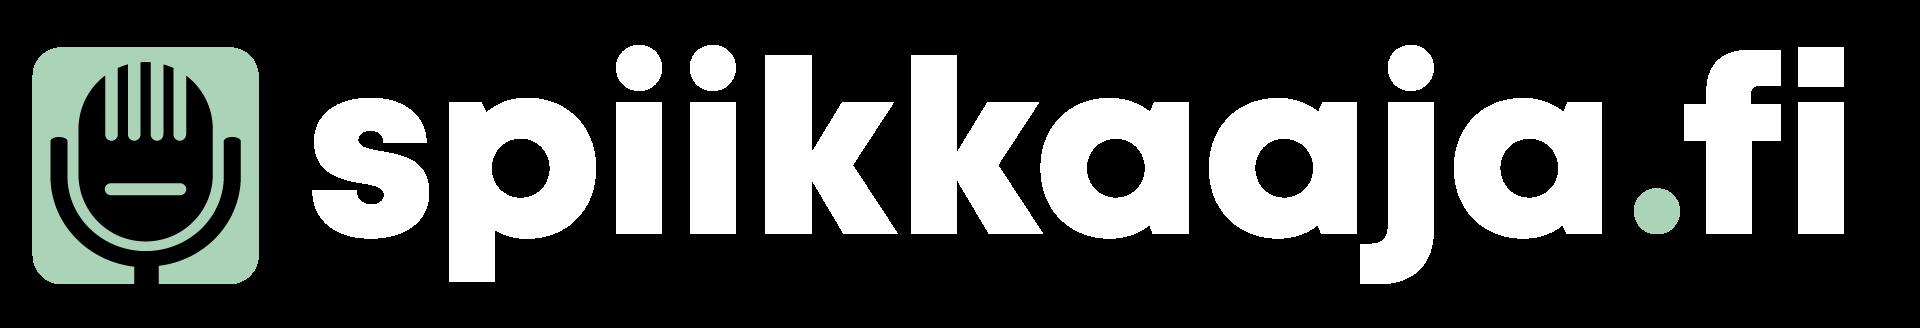 spiikkaaja-logo-valkoinen